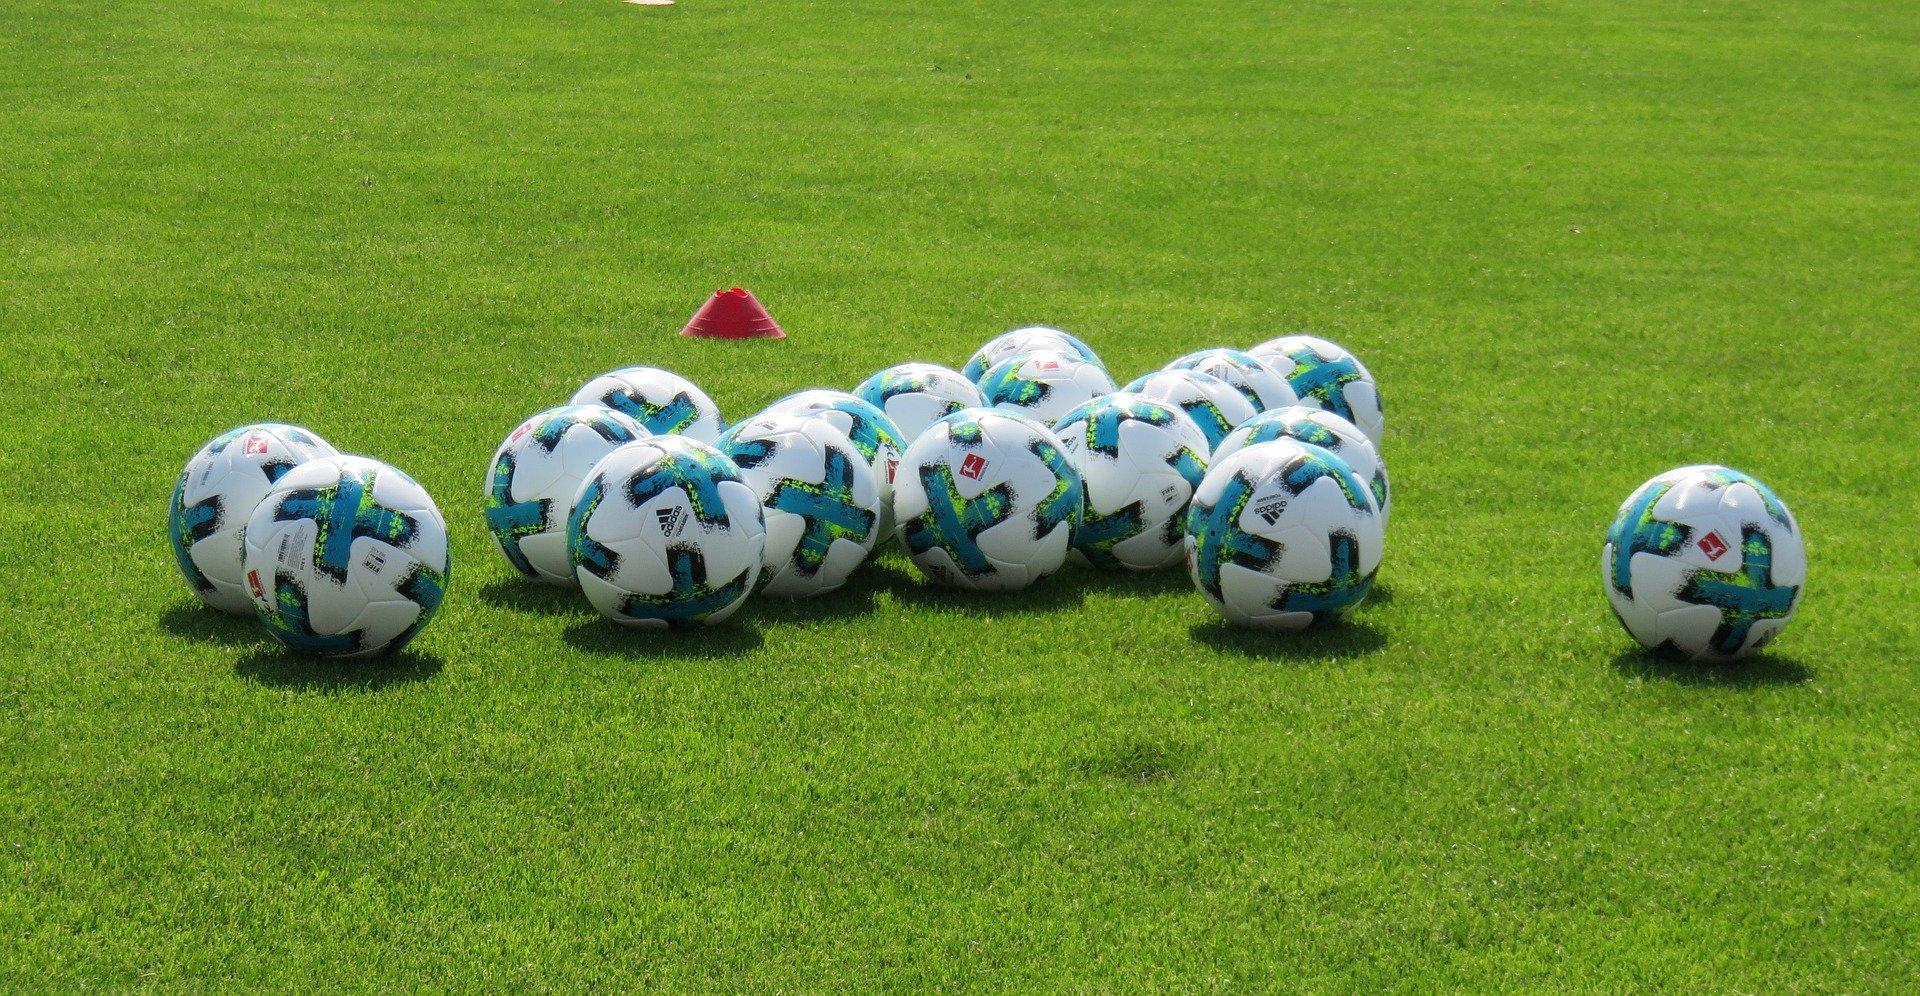 Fußball: Ballmaschinen der Bundesliga